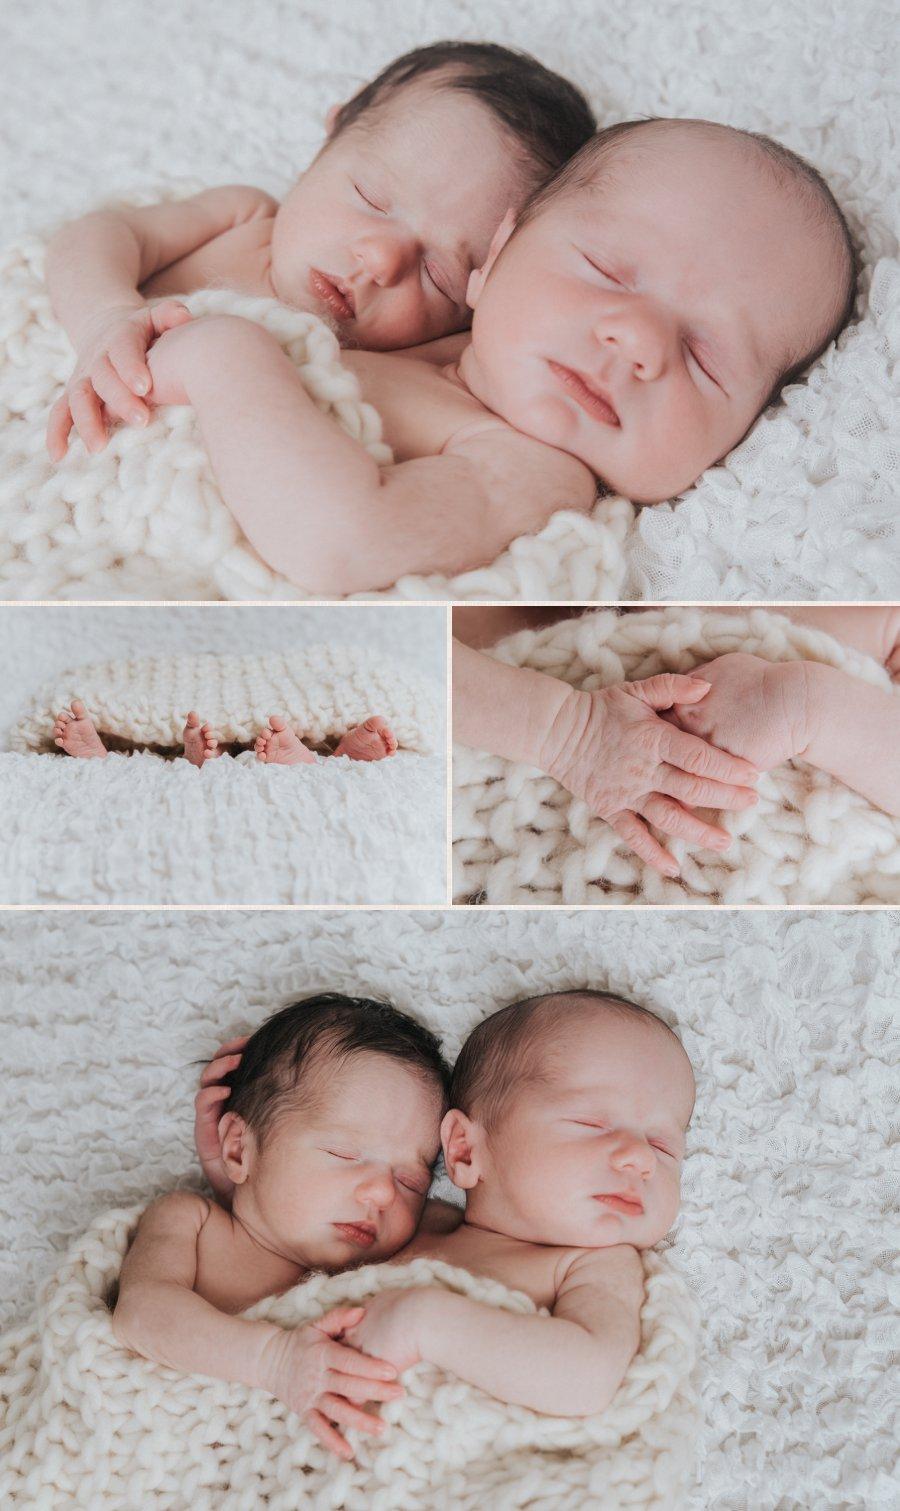 Neugeborenenfotos von Tim und Sara aus Berlin.